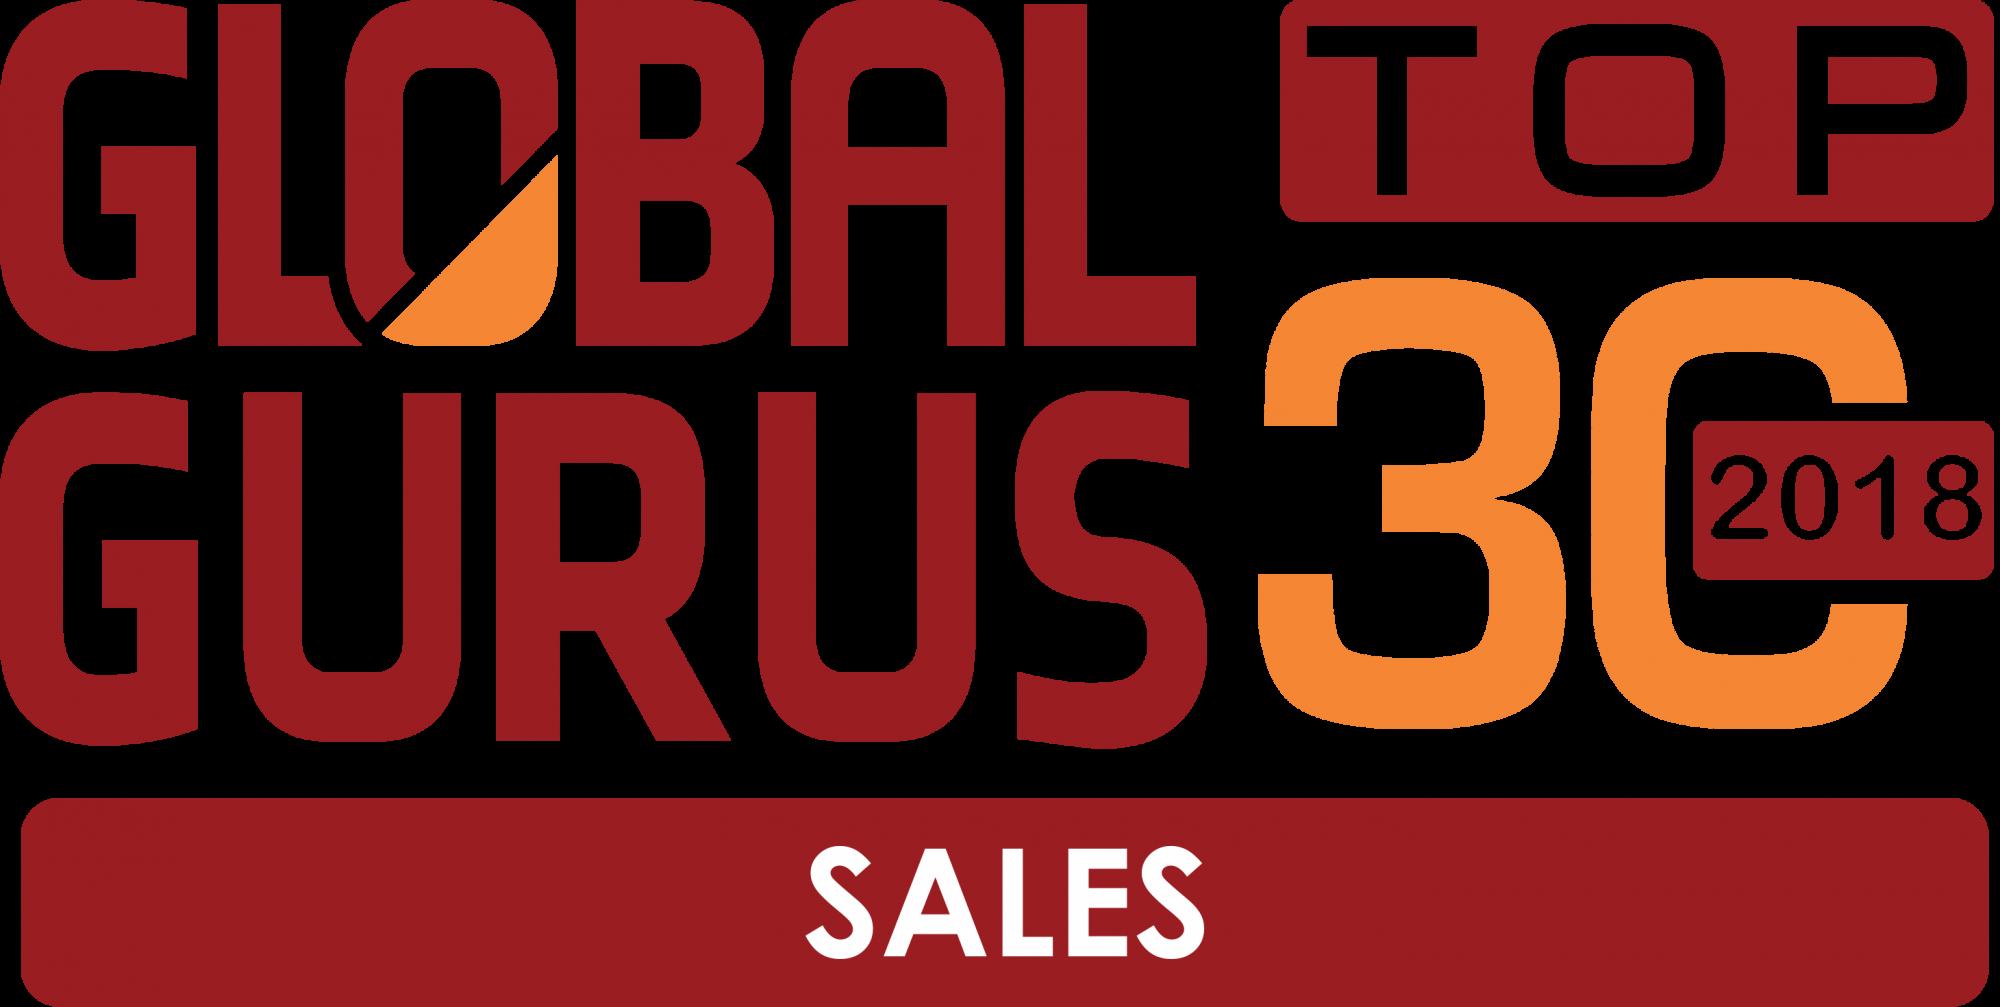 globalgurus%20sales%202018_1.png